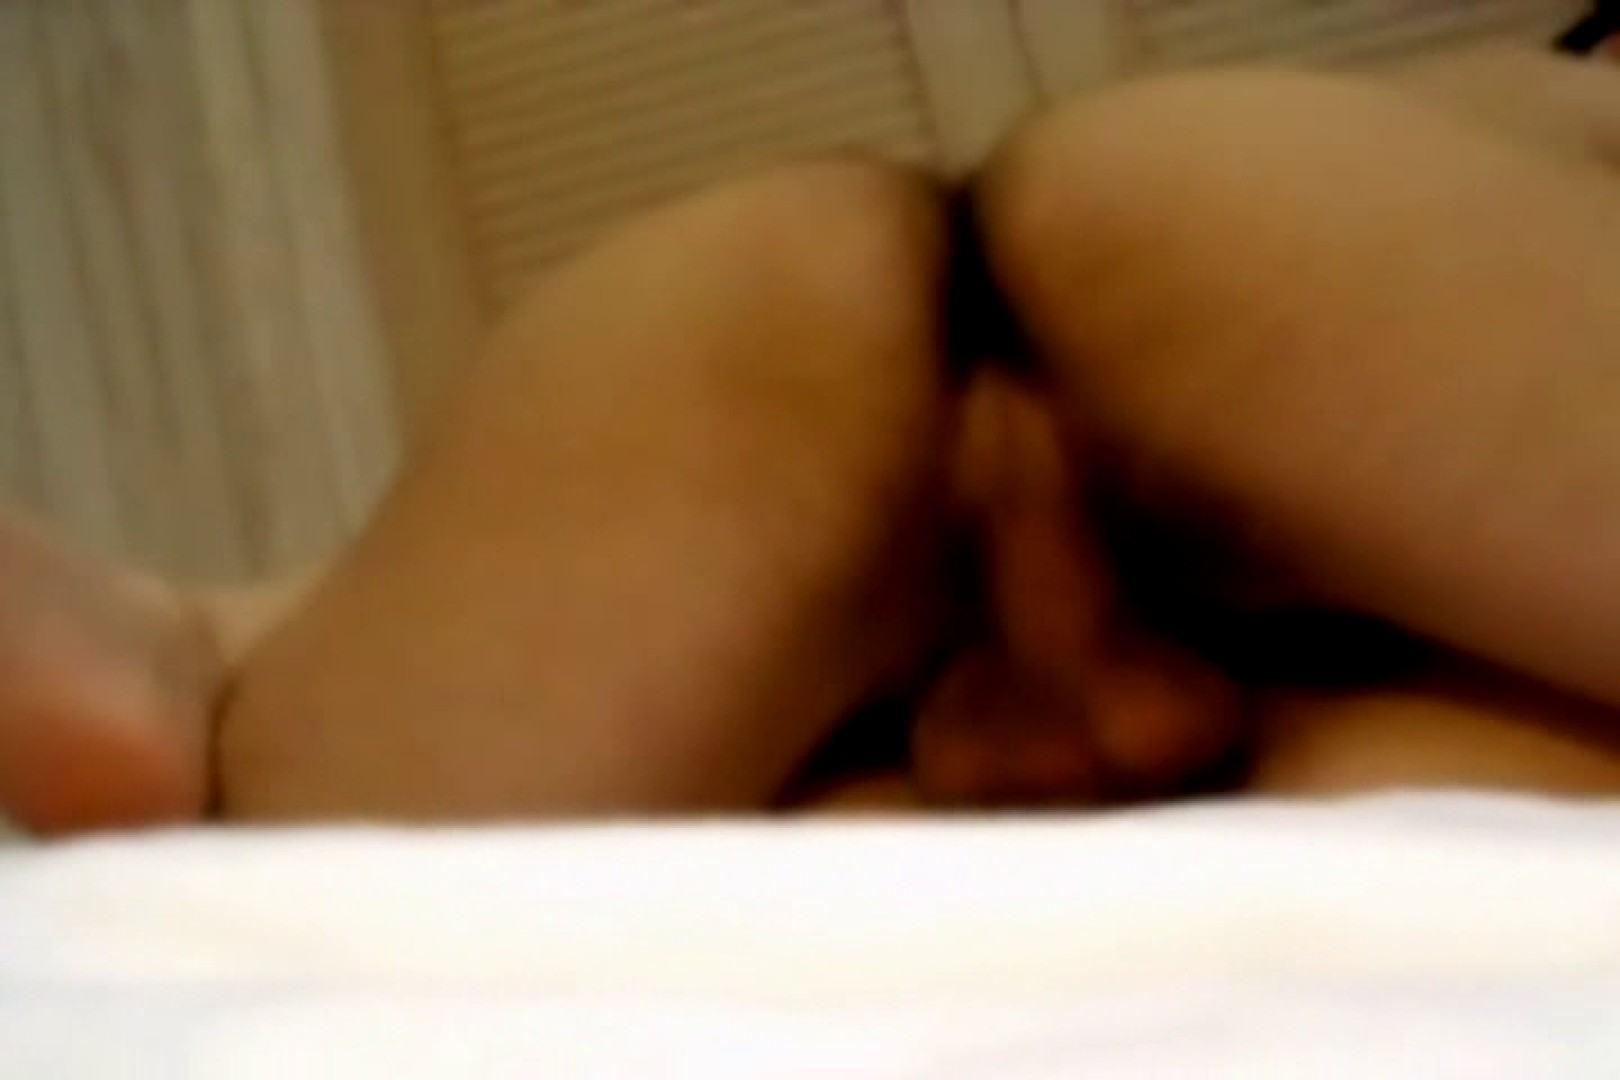 仁義なきキンタマ ymatのアルバム ビッチなギャル   盗撮  93pic 18